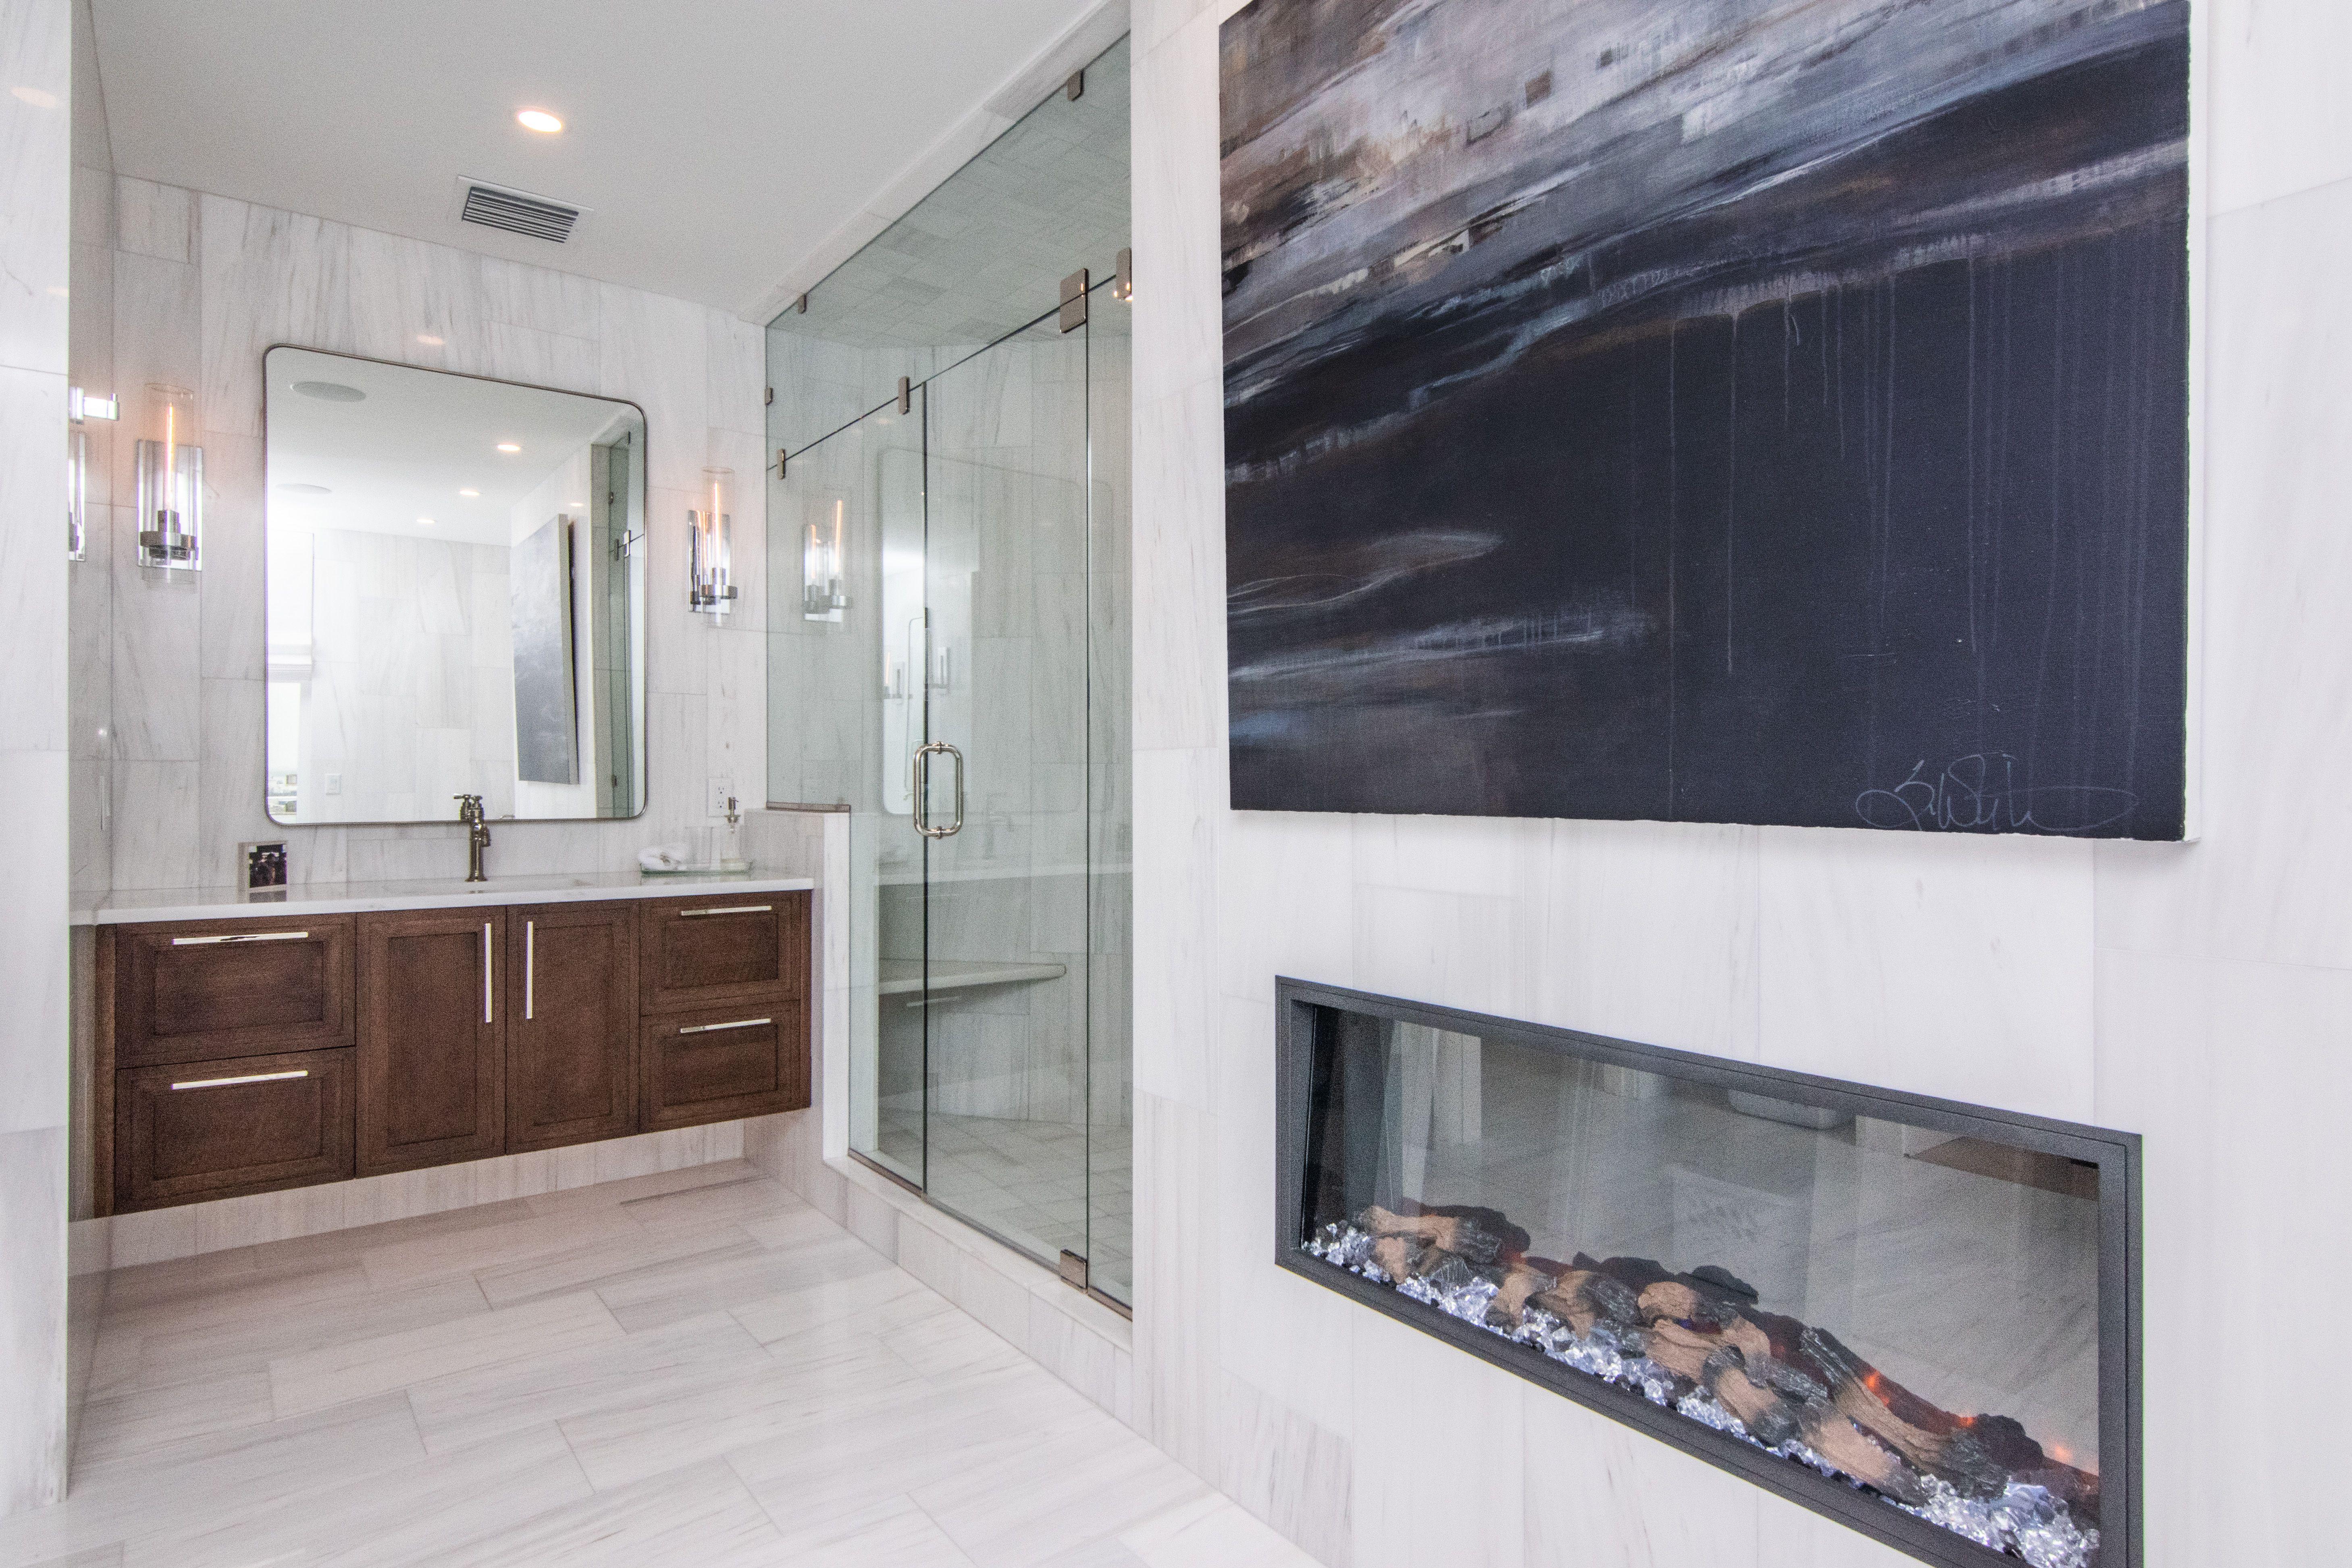 371 Channelside Walk Way bathroom